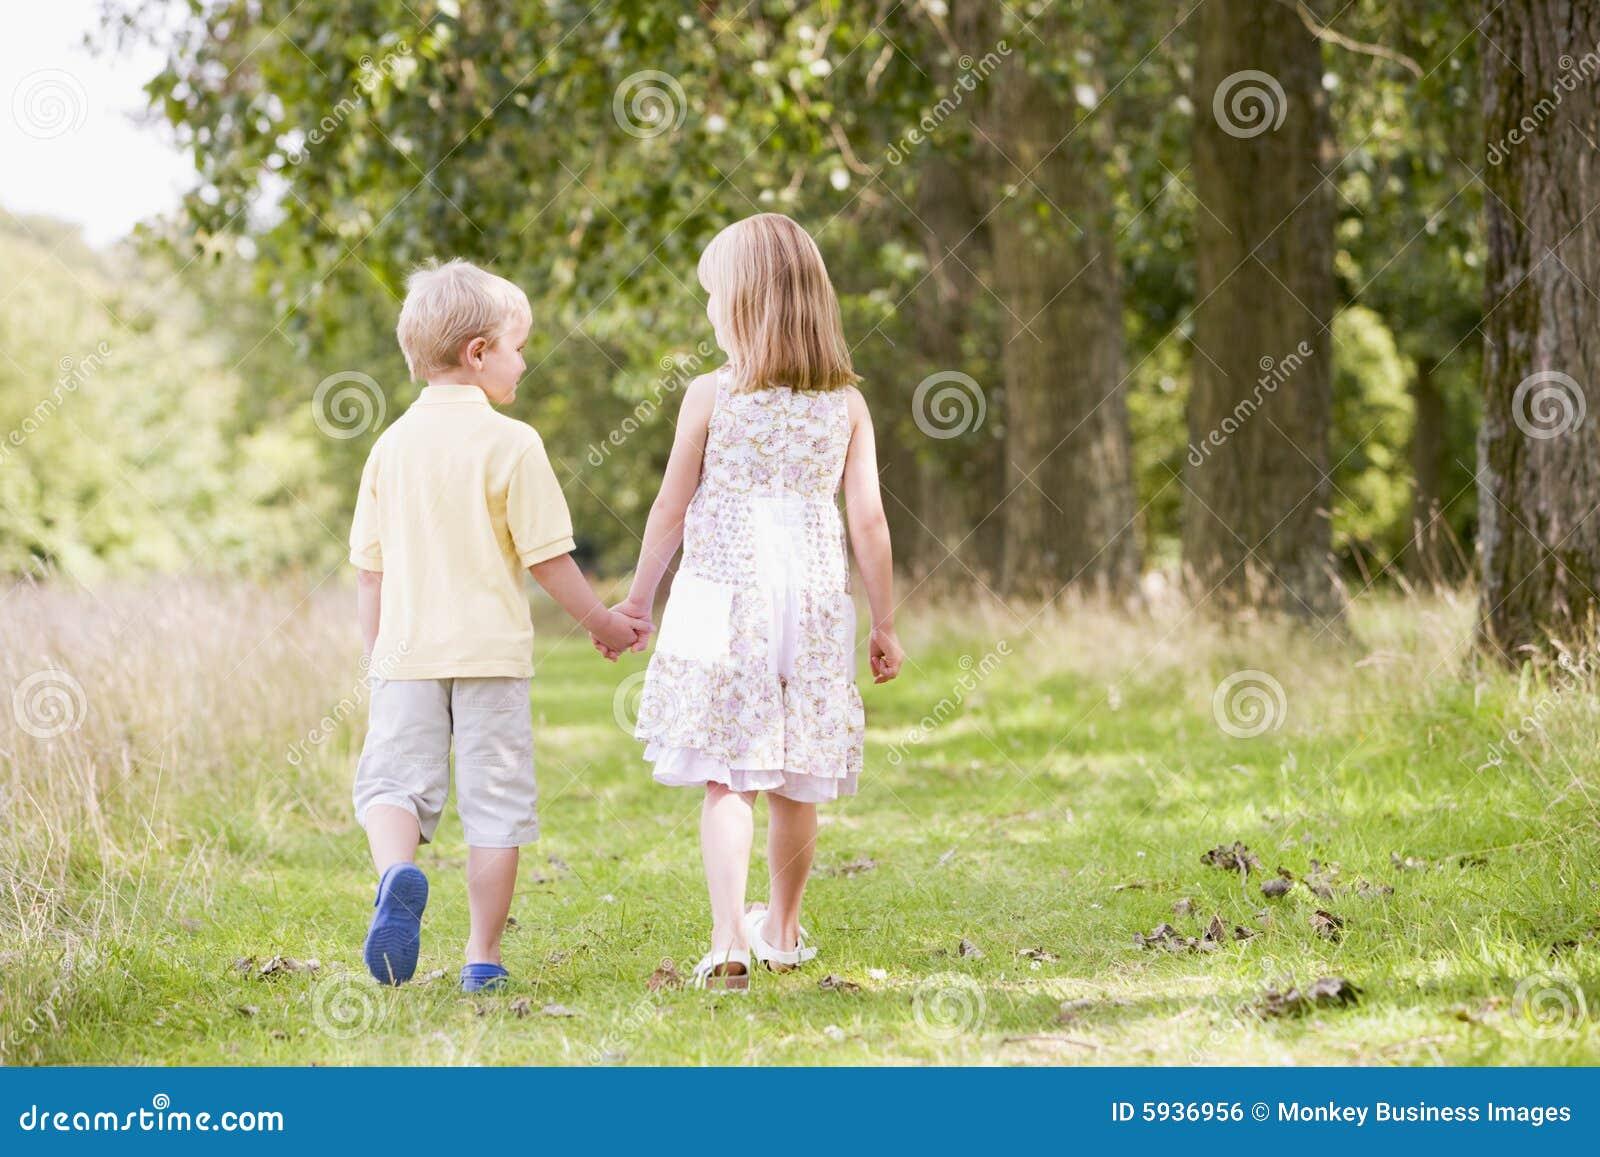 С сестрой в лесу 14 фотография